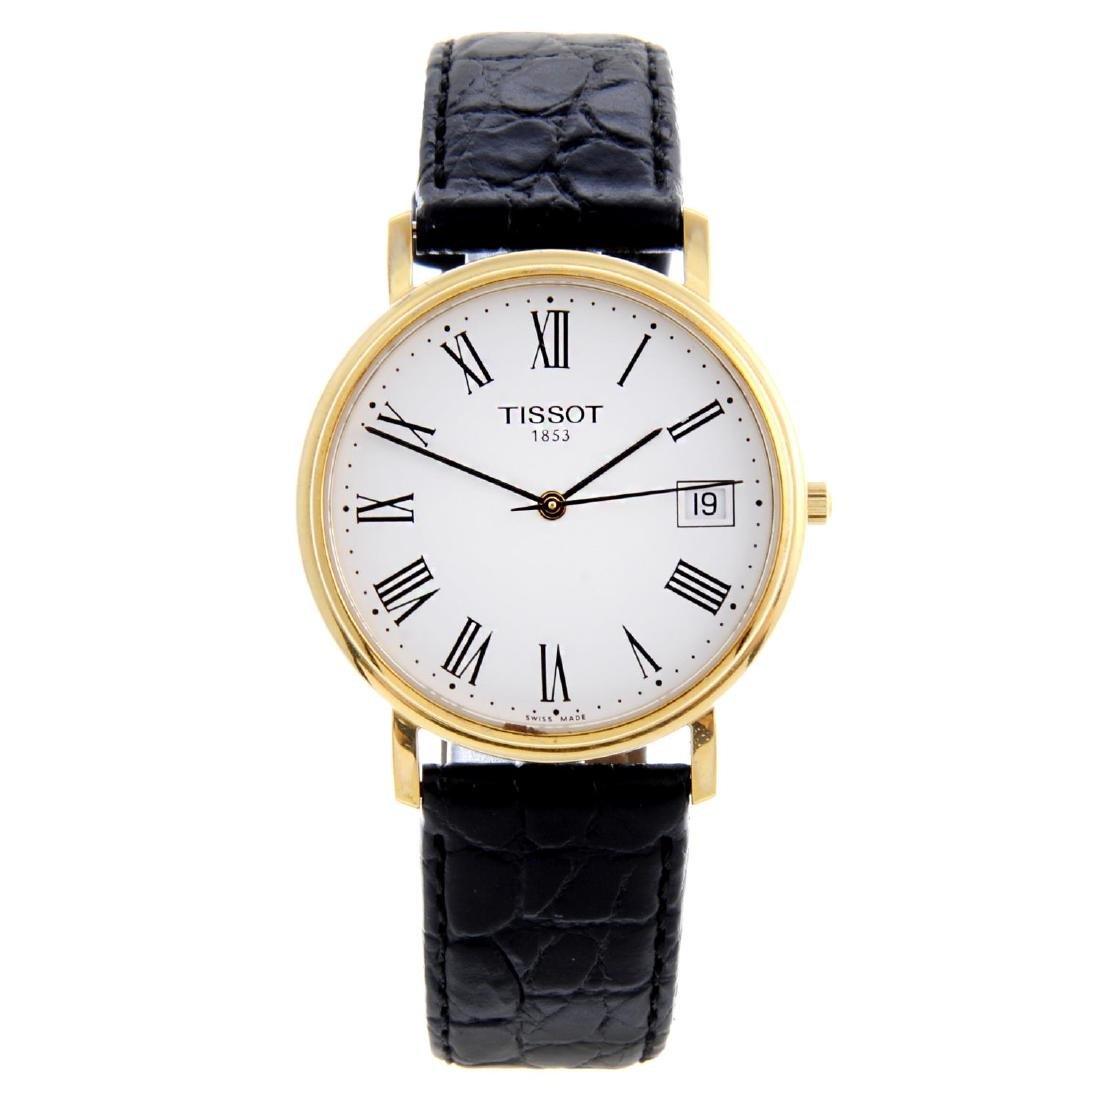 TISSOT - a gentleman's wrist watch. Gold plated case